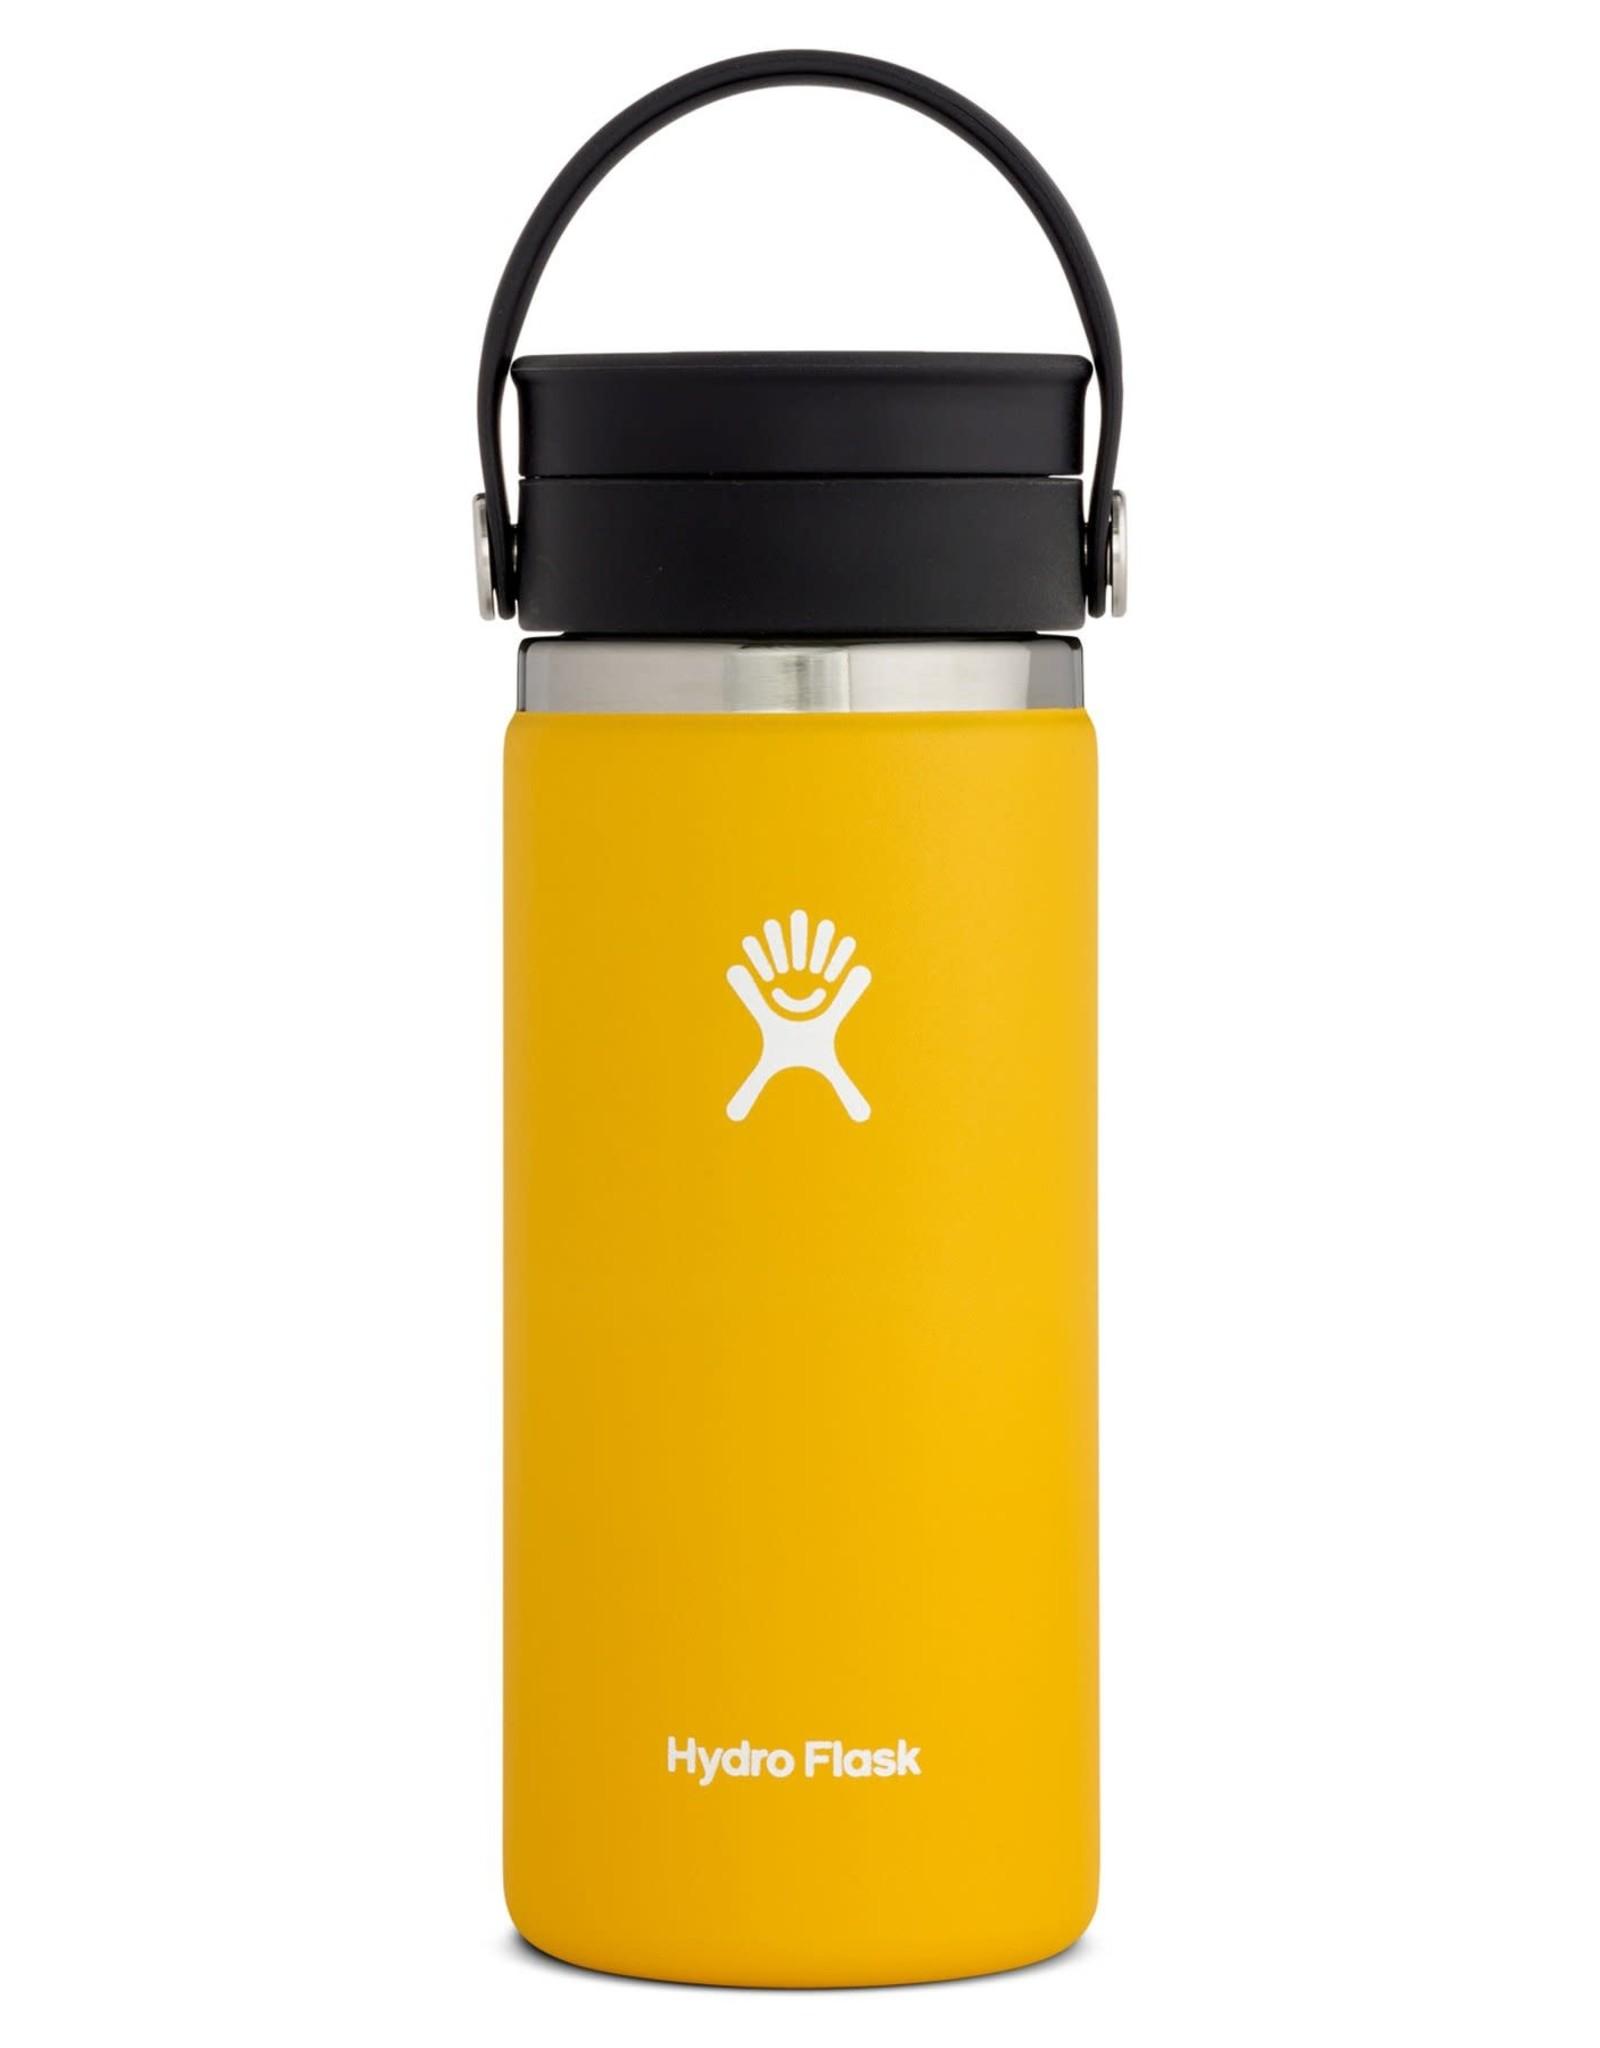 HYDRO FLASK Coffee 16oz With Flex Sip Lid